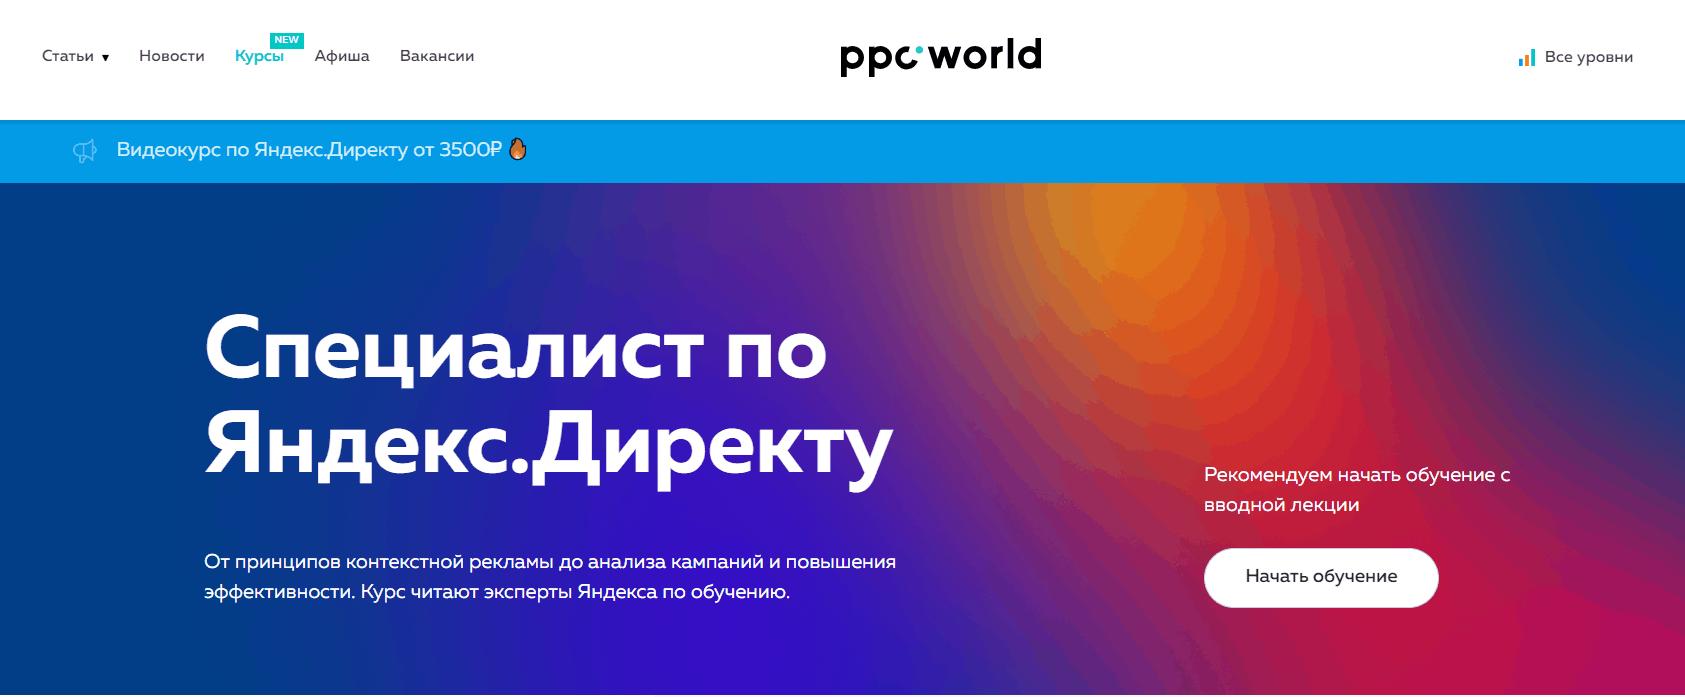 Специалист по Яндекс.Директу от ppc.world